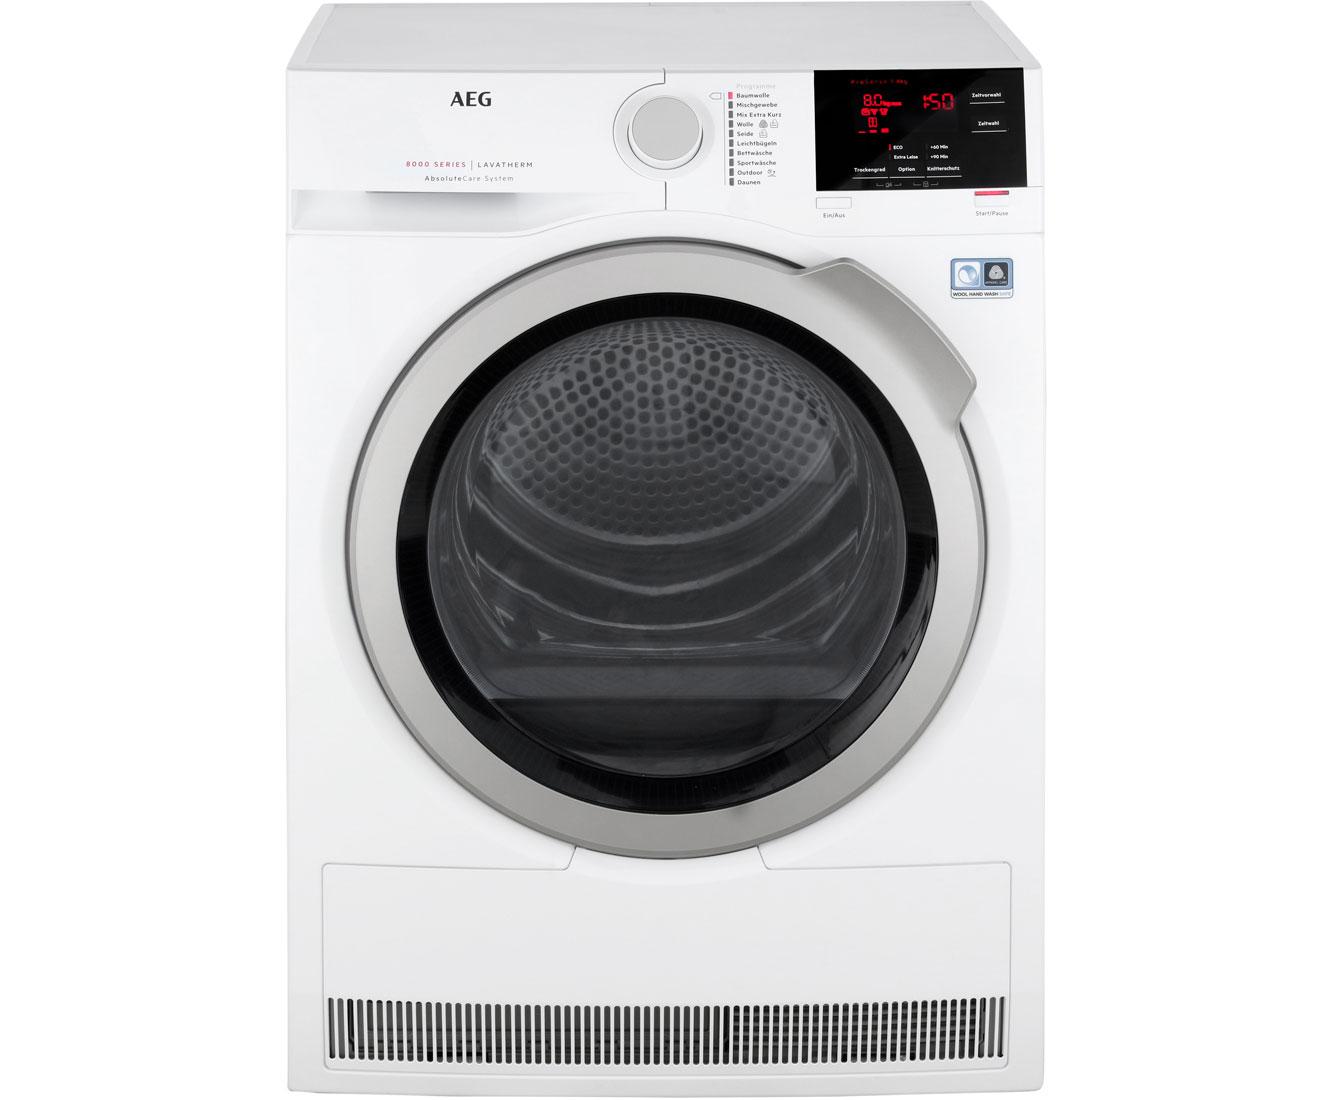 AEG Lavatherm T8DBA3 Wärmepumpentrockner - Weiß   Bad > Waschmaschinen und Trockner   Weiß   AEG